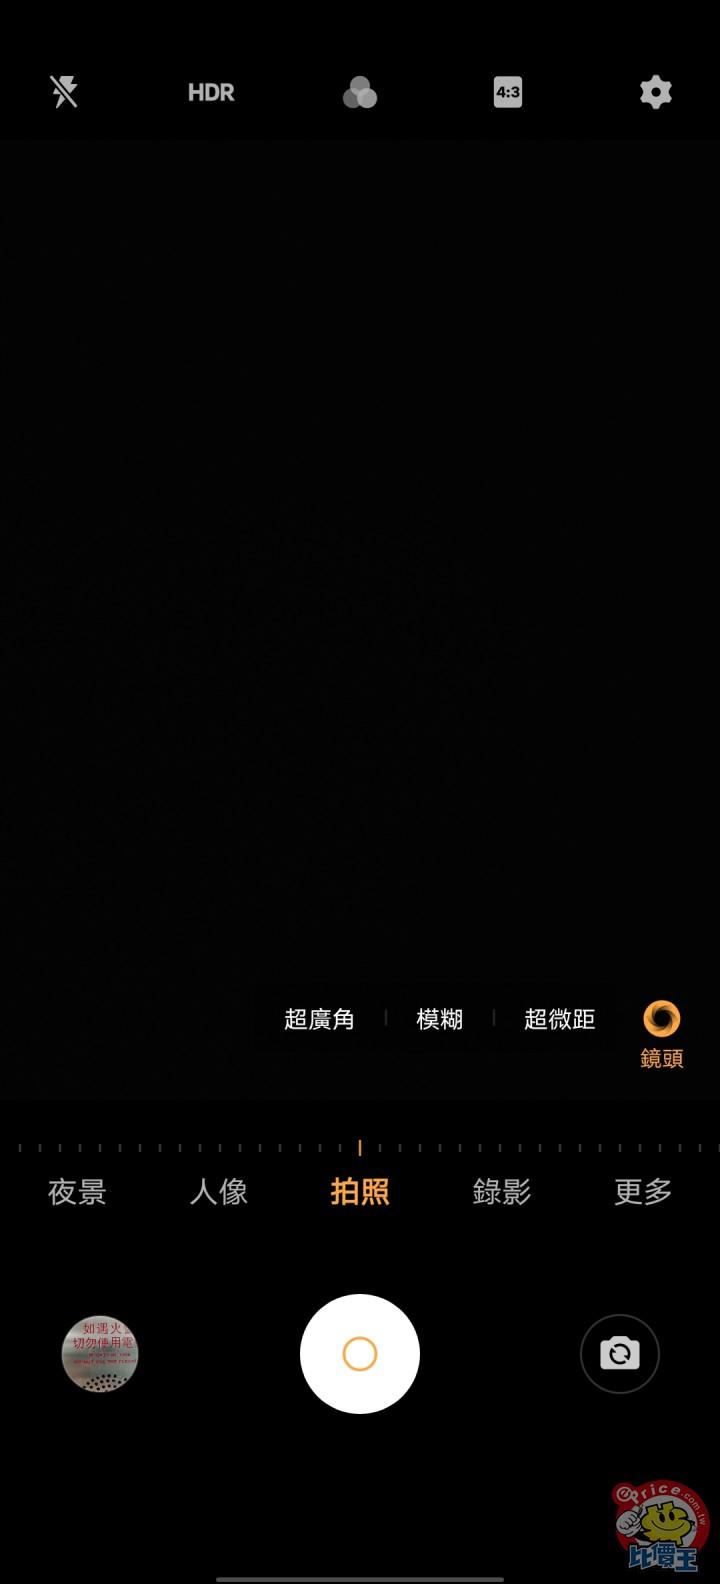 Screenshot_20200831_162312.jpg